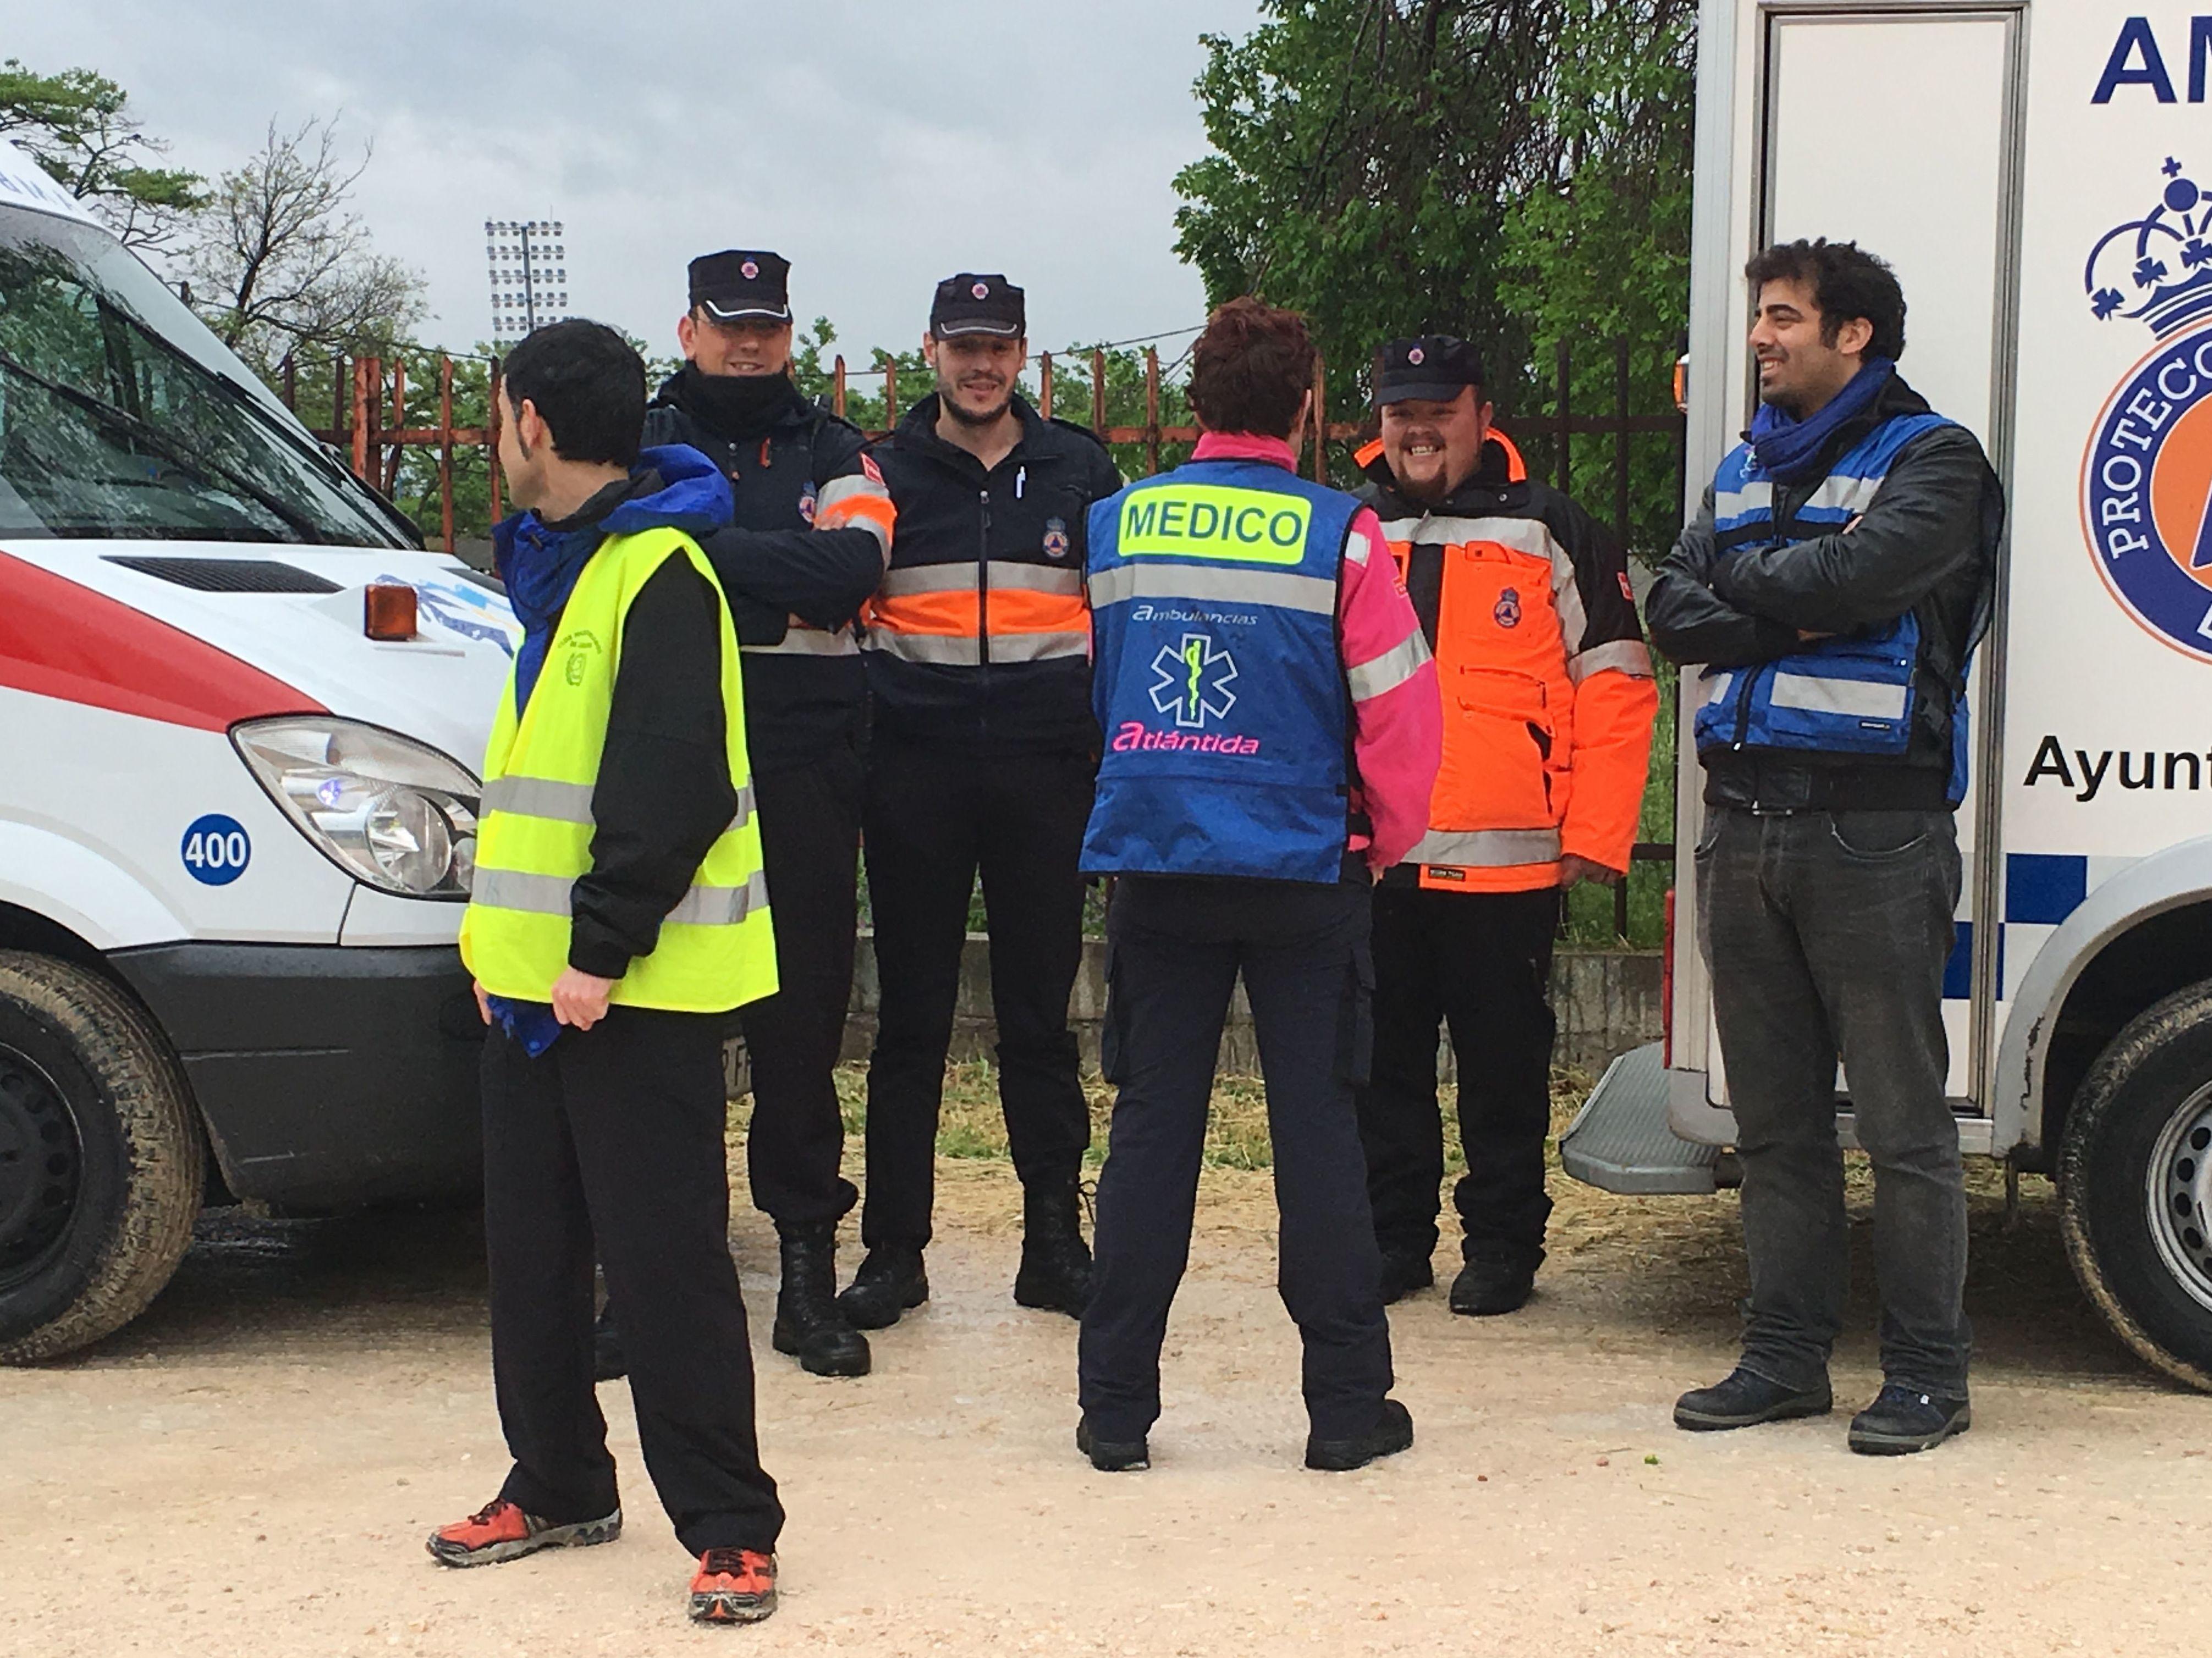 Preventivo Medicalizado en colaboración con Protección Civil de Leganés -  Carrera XVII 2 Leguas de Leganes